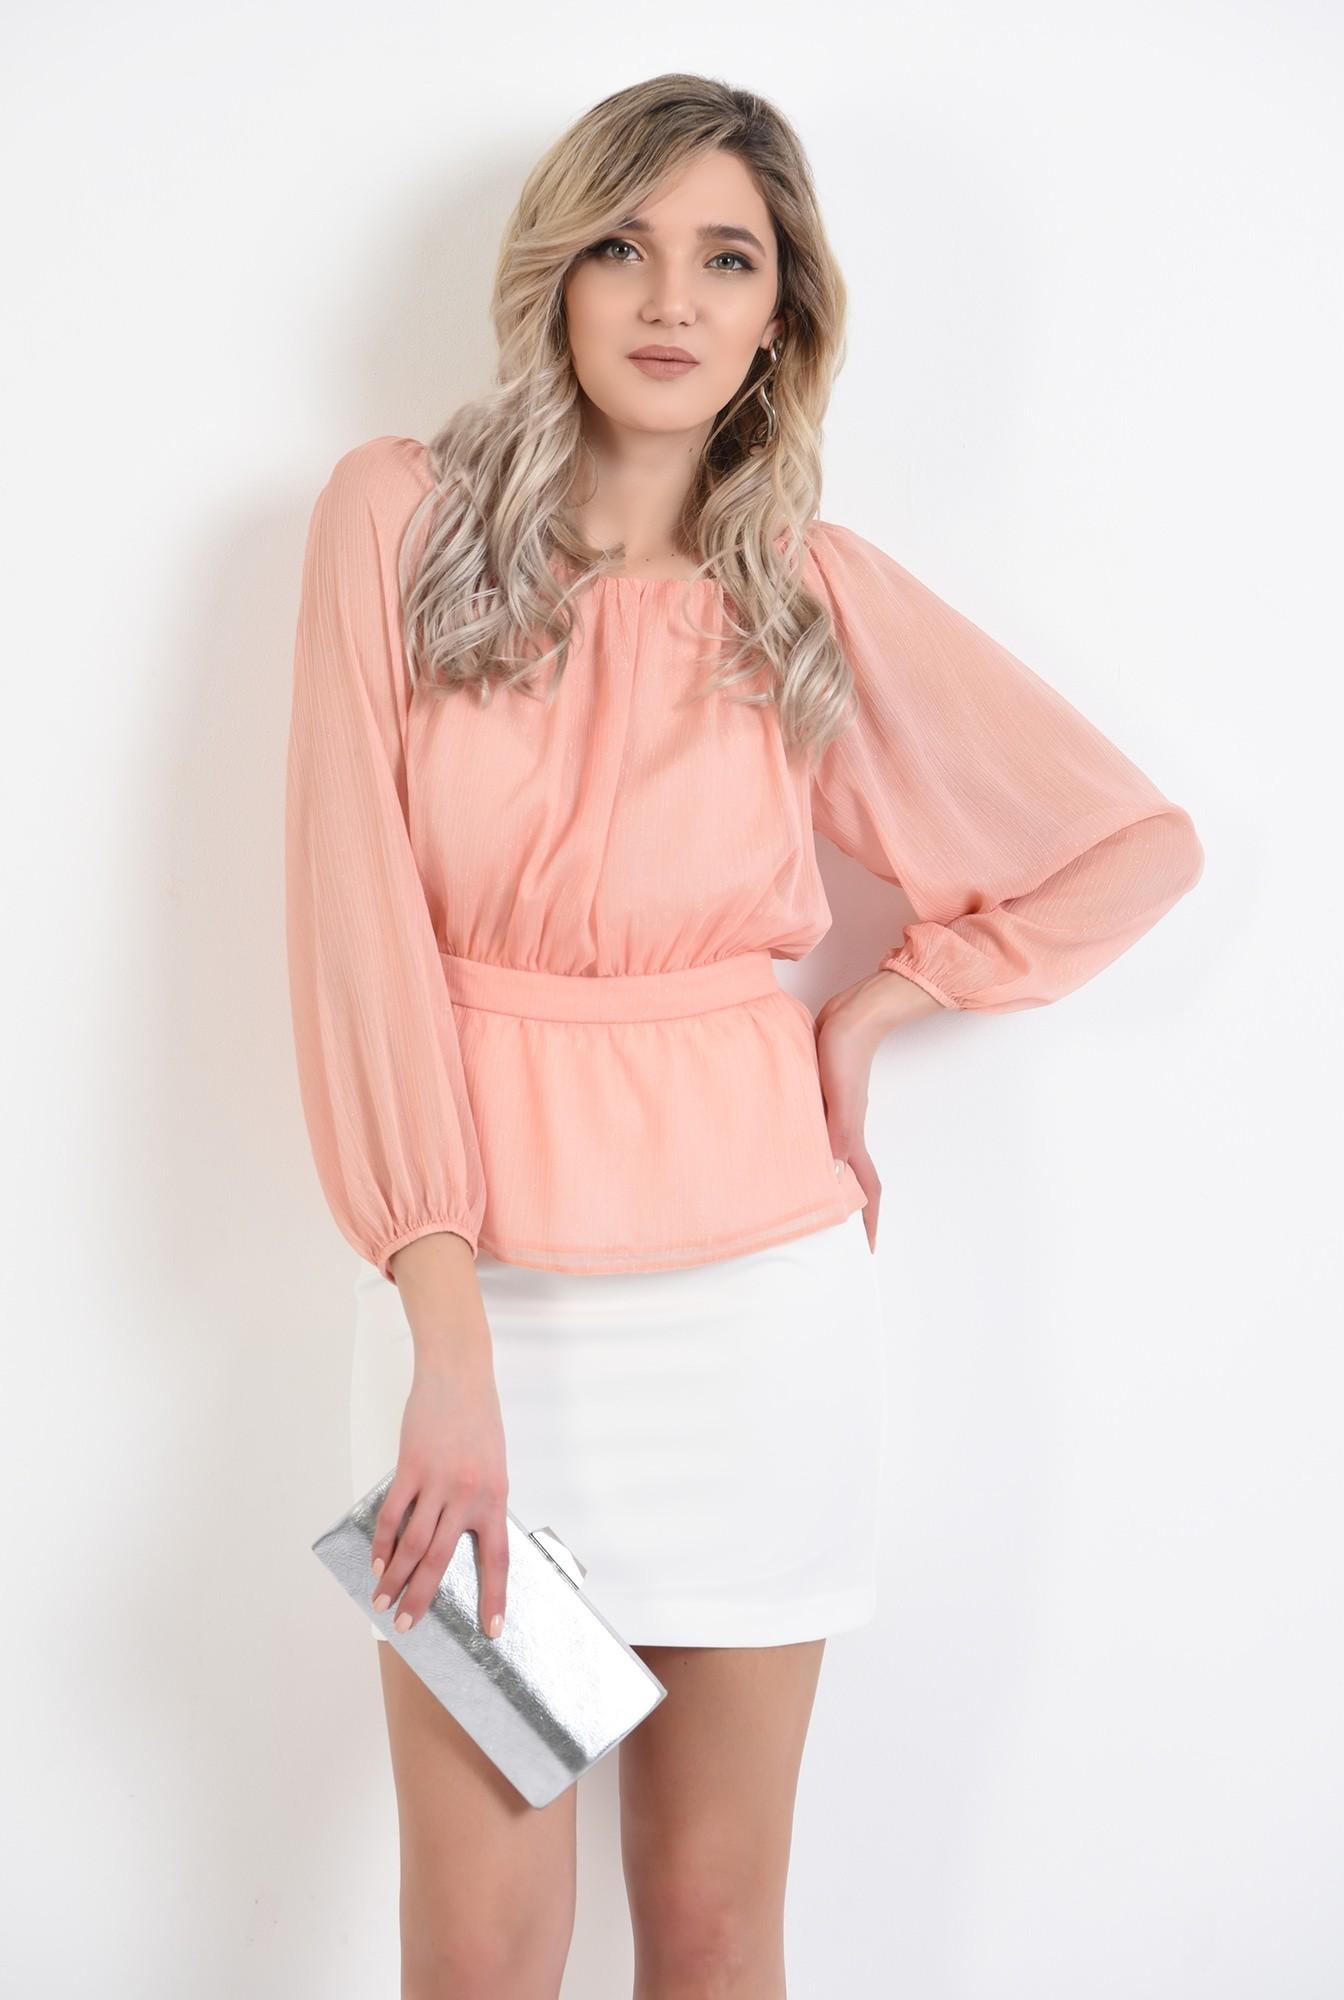 0 - bluza de ocazie, peach, maneca midi, cu peplum, nasturi la spate